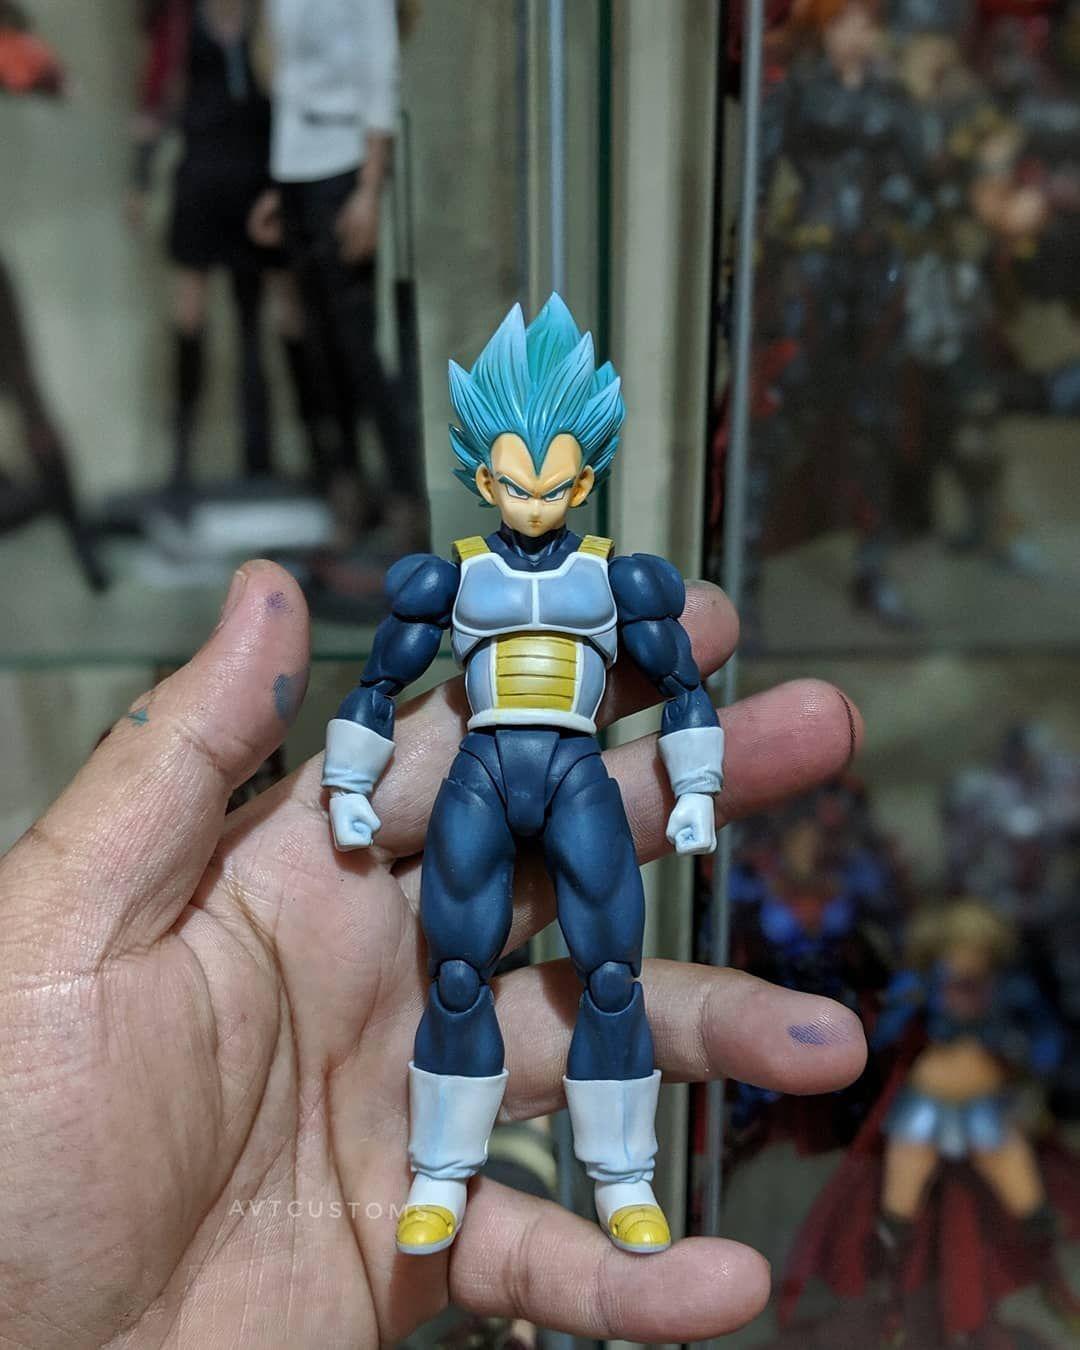 Shf Super Saiyan Blue Vegeta Hair Repaint By Avtcustoms Super Saiyan Blue Custom Action Figures Super Saiyan